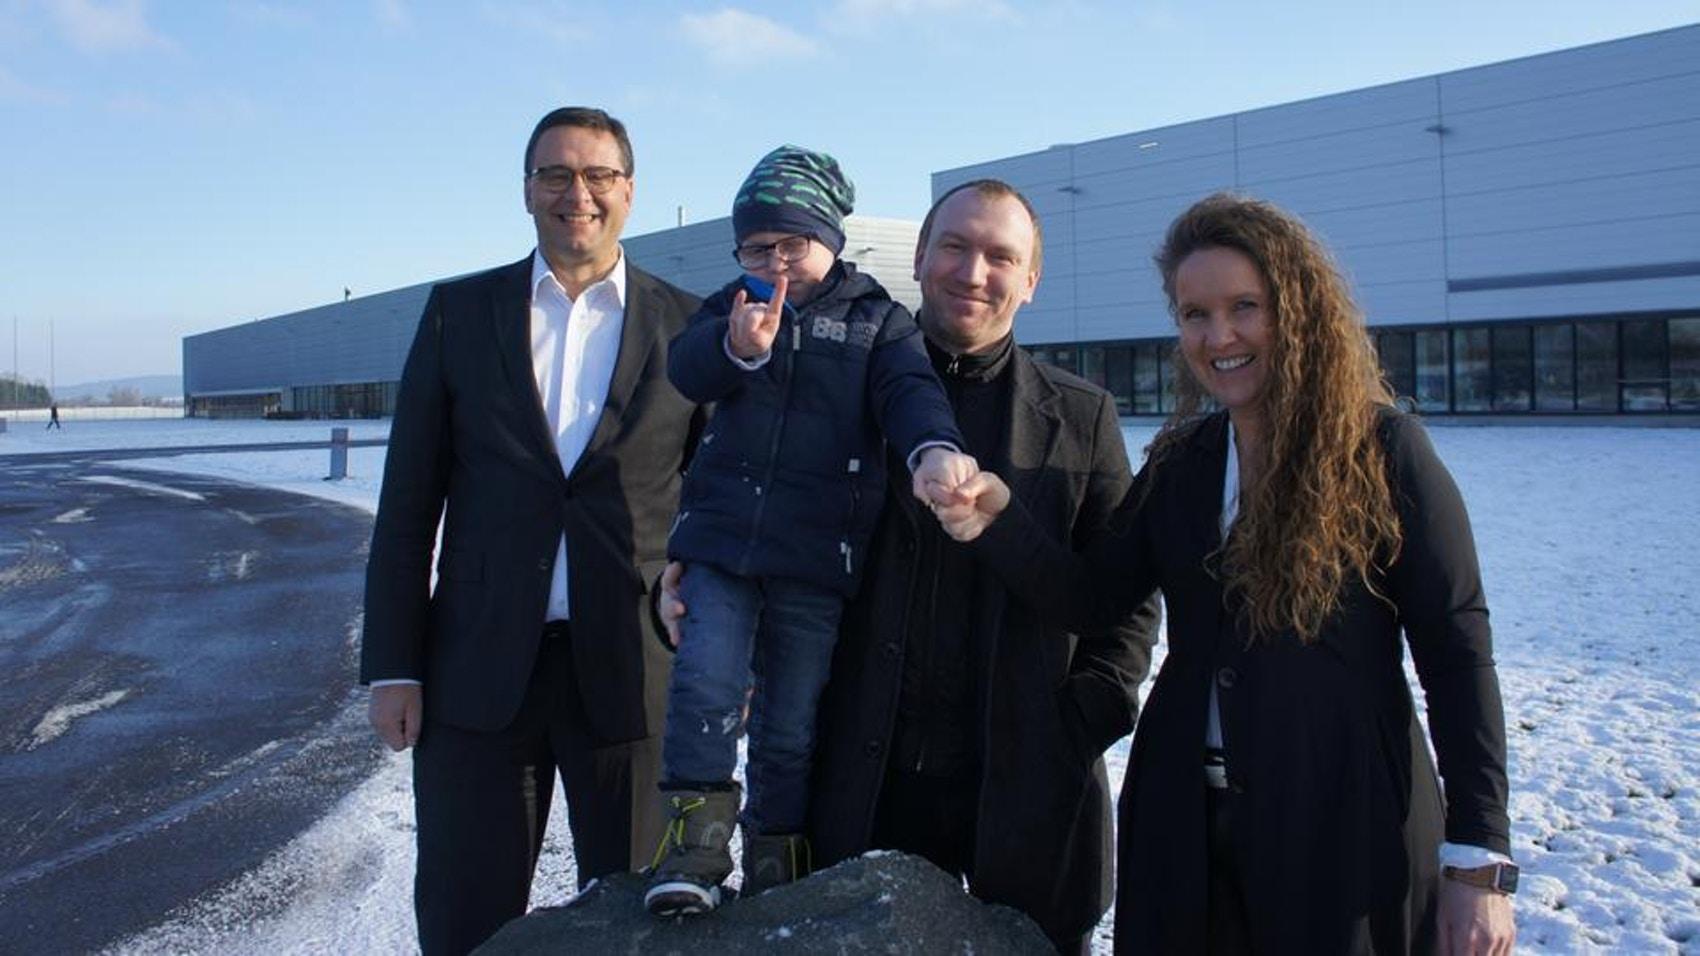 Alemão passa 1 ano cuidando do filho com leucemia graças aos seus colegas que doaram mais de 3000 horas de férias 1